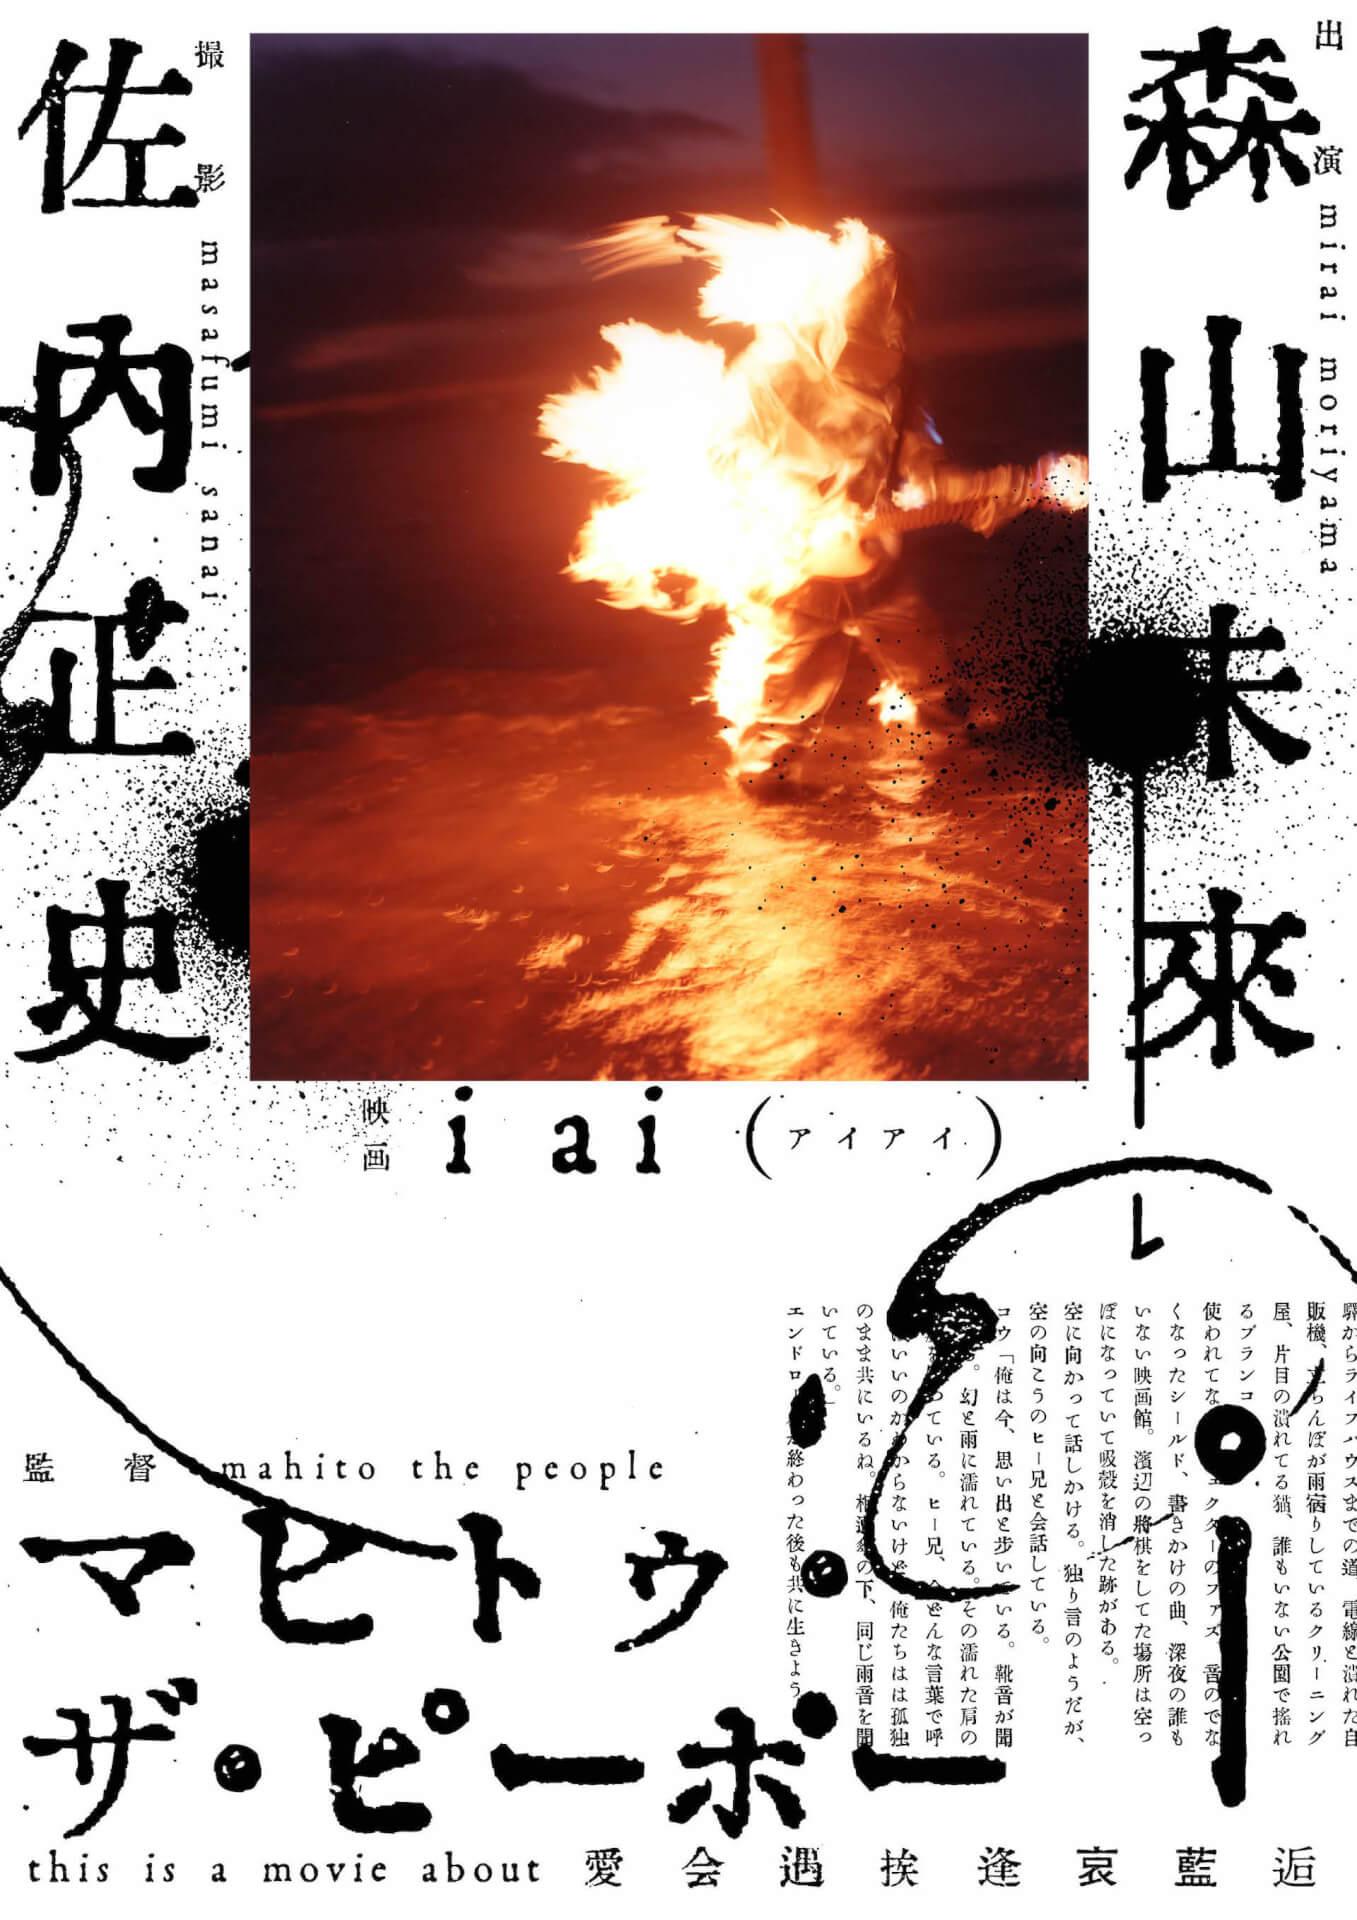 GEZANマヒト監督×森山未來主演『i ai』のキャストオーディションが実施決定!マヒトからのメッセージも film210721_i_ai_3